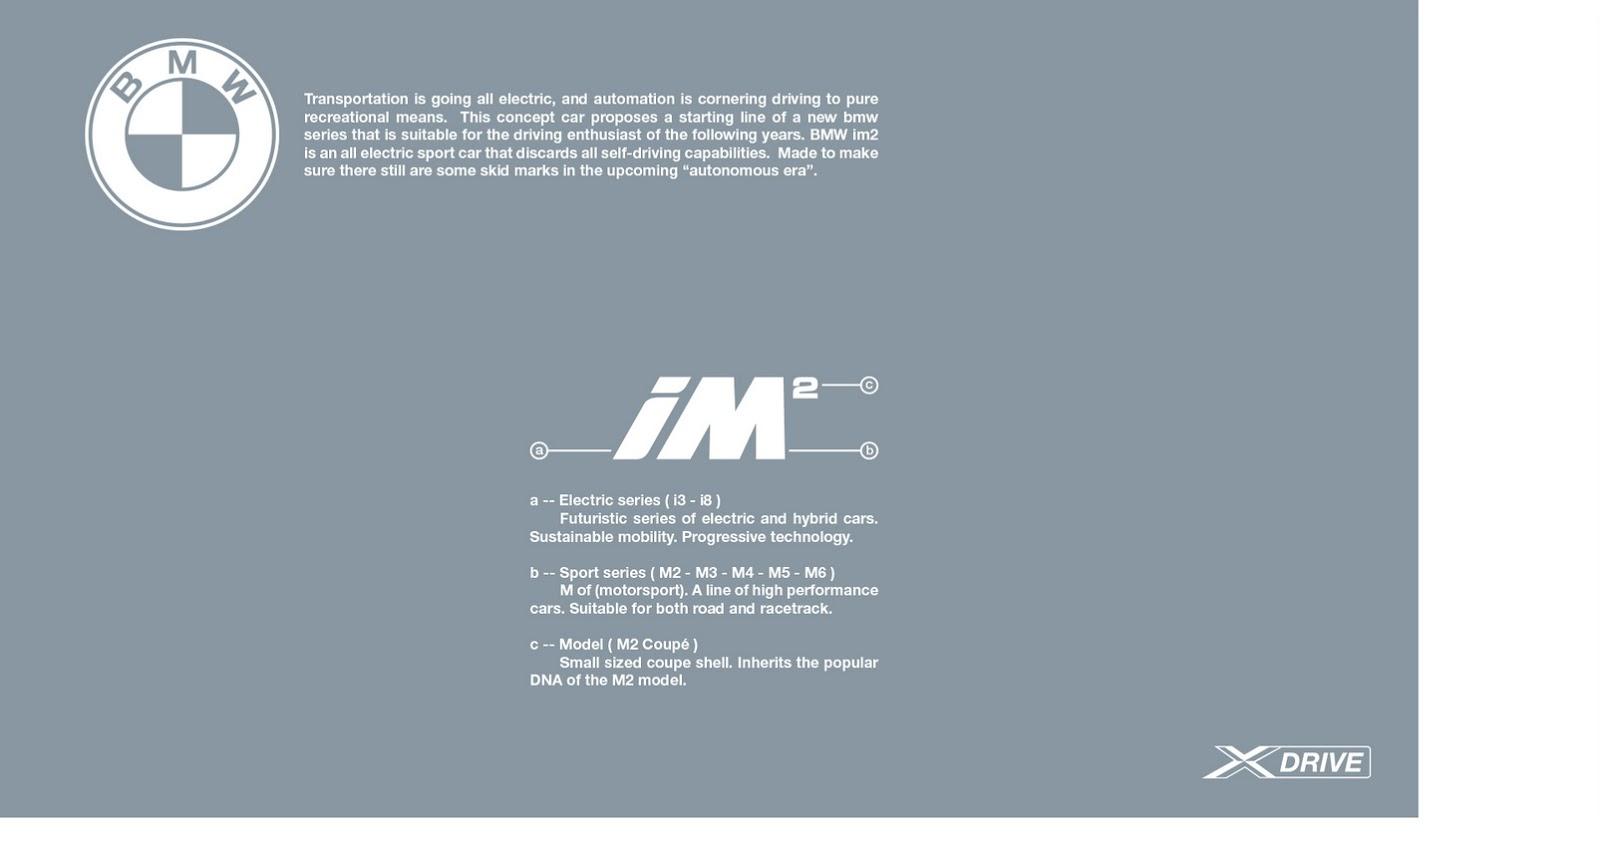 BMW_iM2_Concept_02